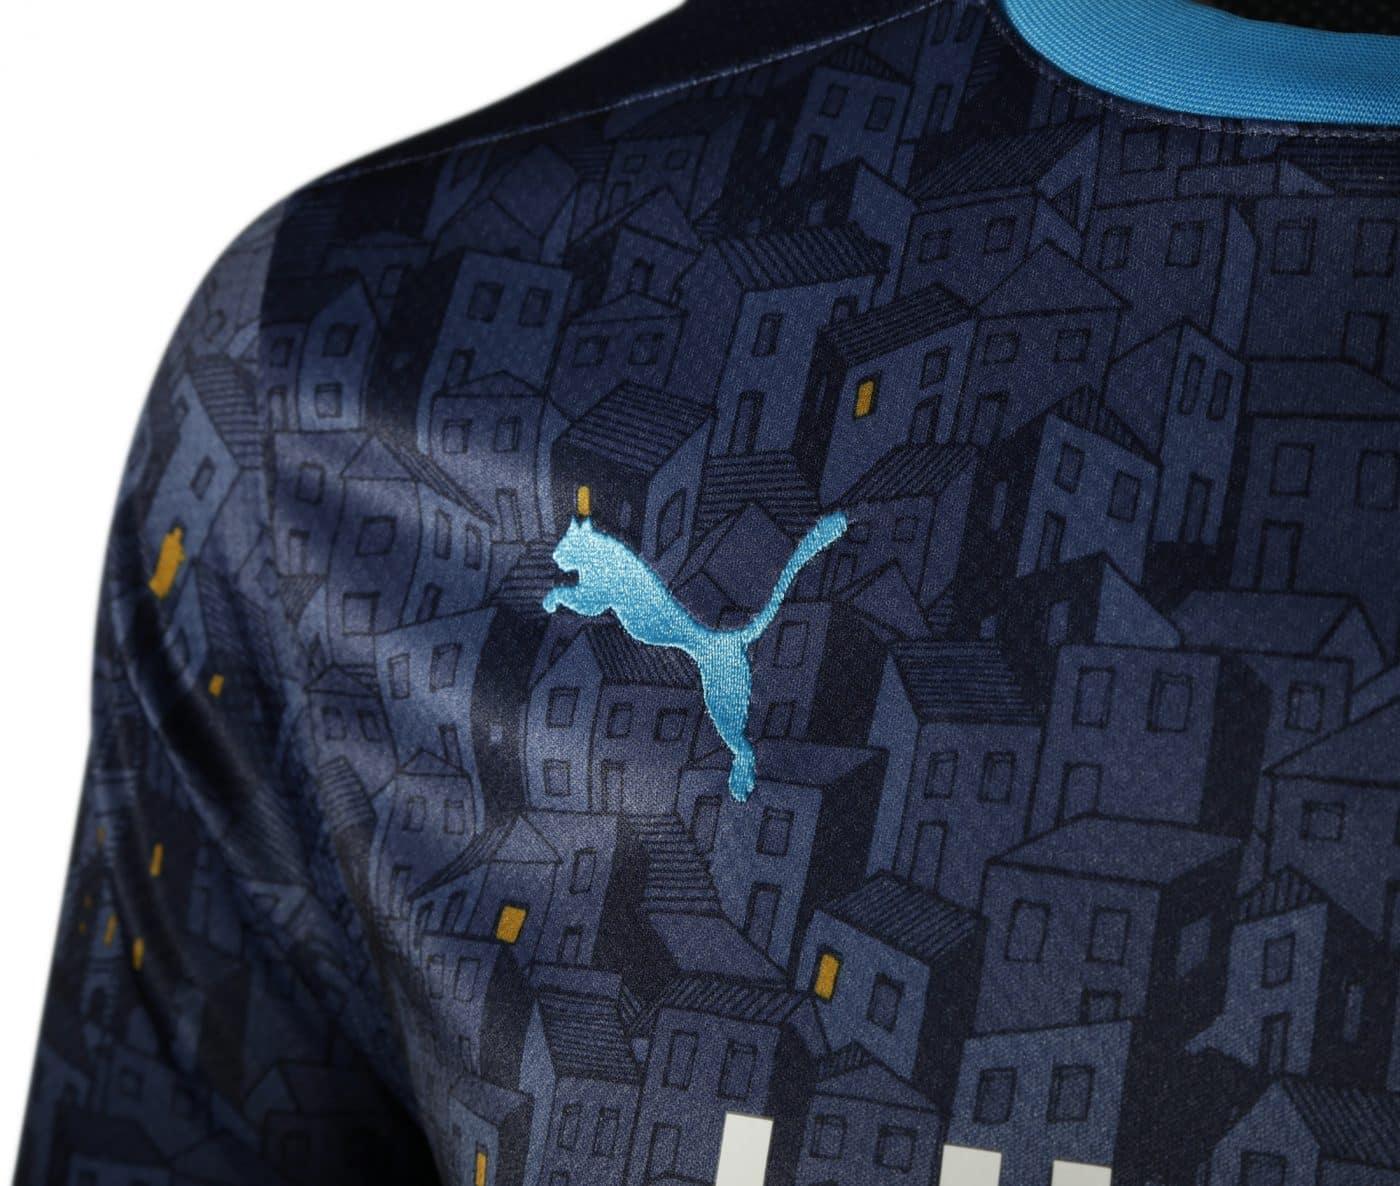 maillot-exterieur-om-2020-2021-olympique-de-marseille-puma-5